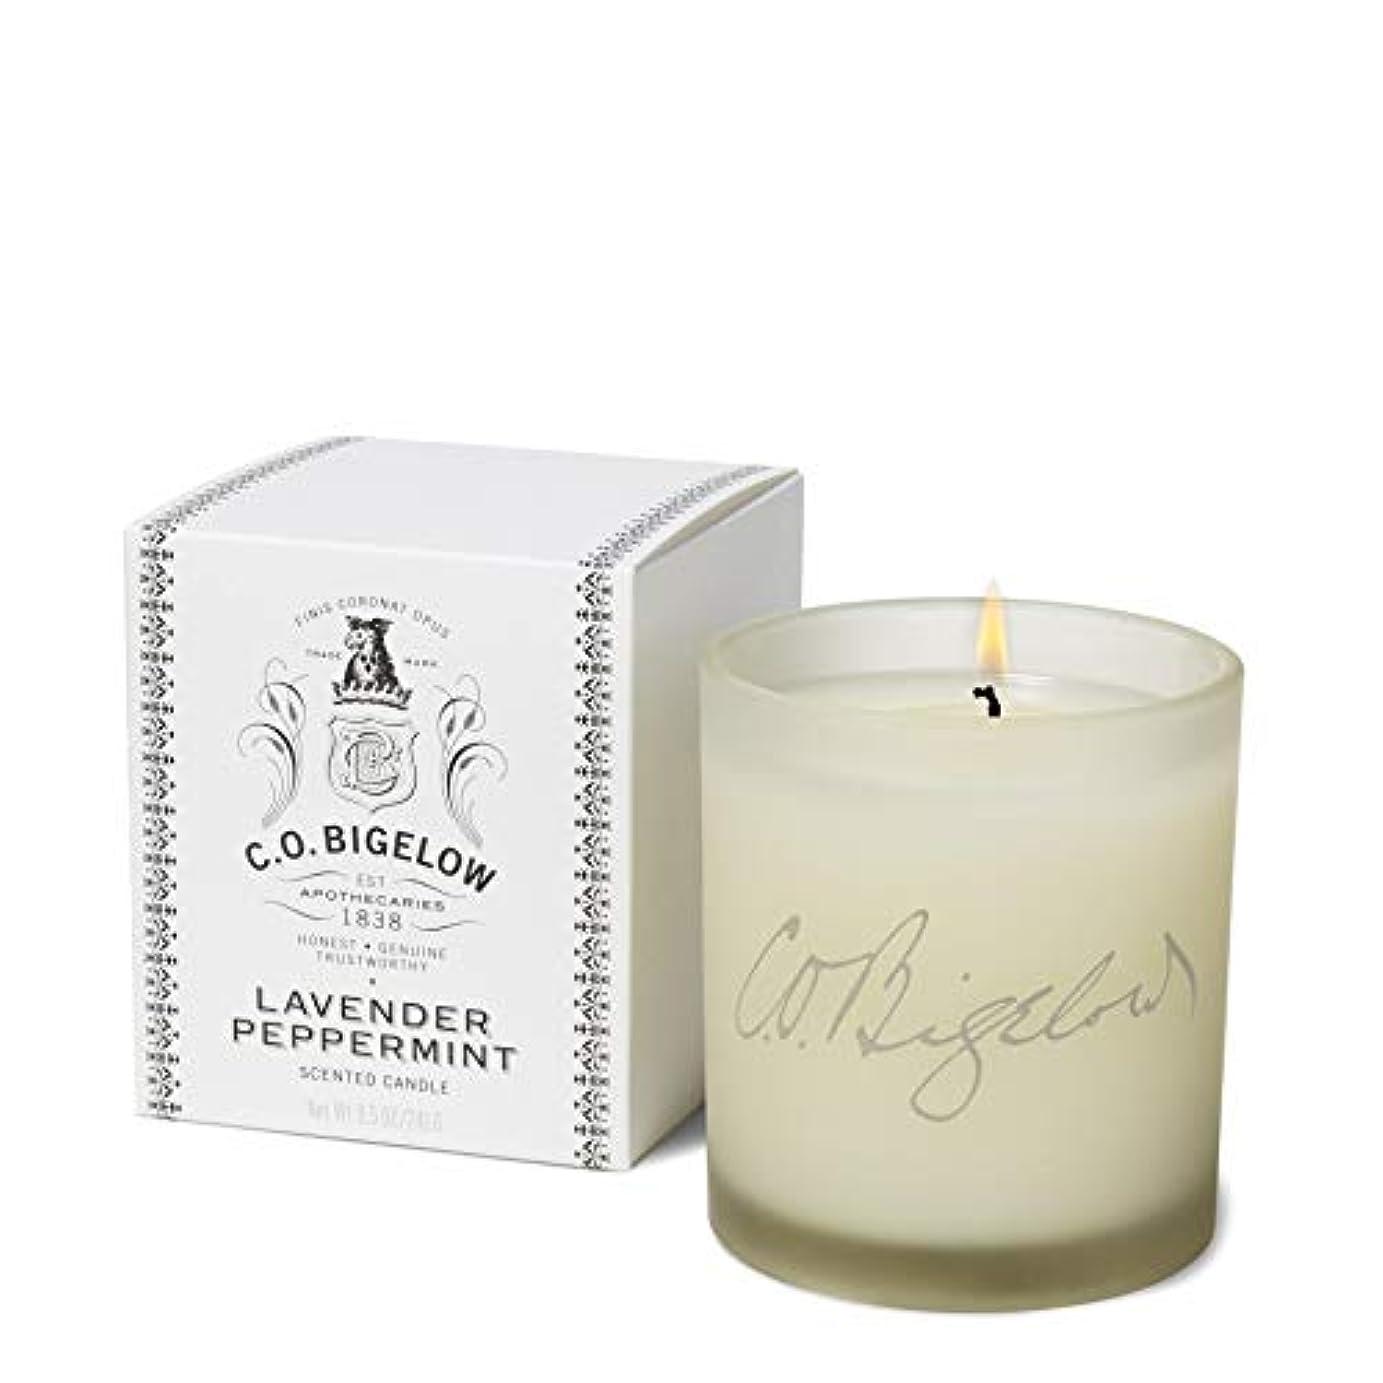 コンサルタント経歴バッテリー[C.O. Bigelow] C.O.ビゲローラベンダーペパーミントキャンドル - C.O. Bigelow Lavender Peppermint Candle [並行輸入品]